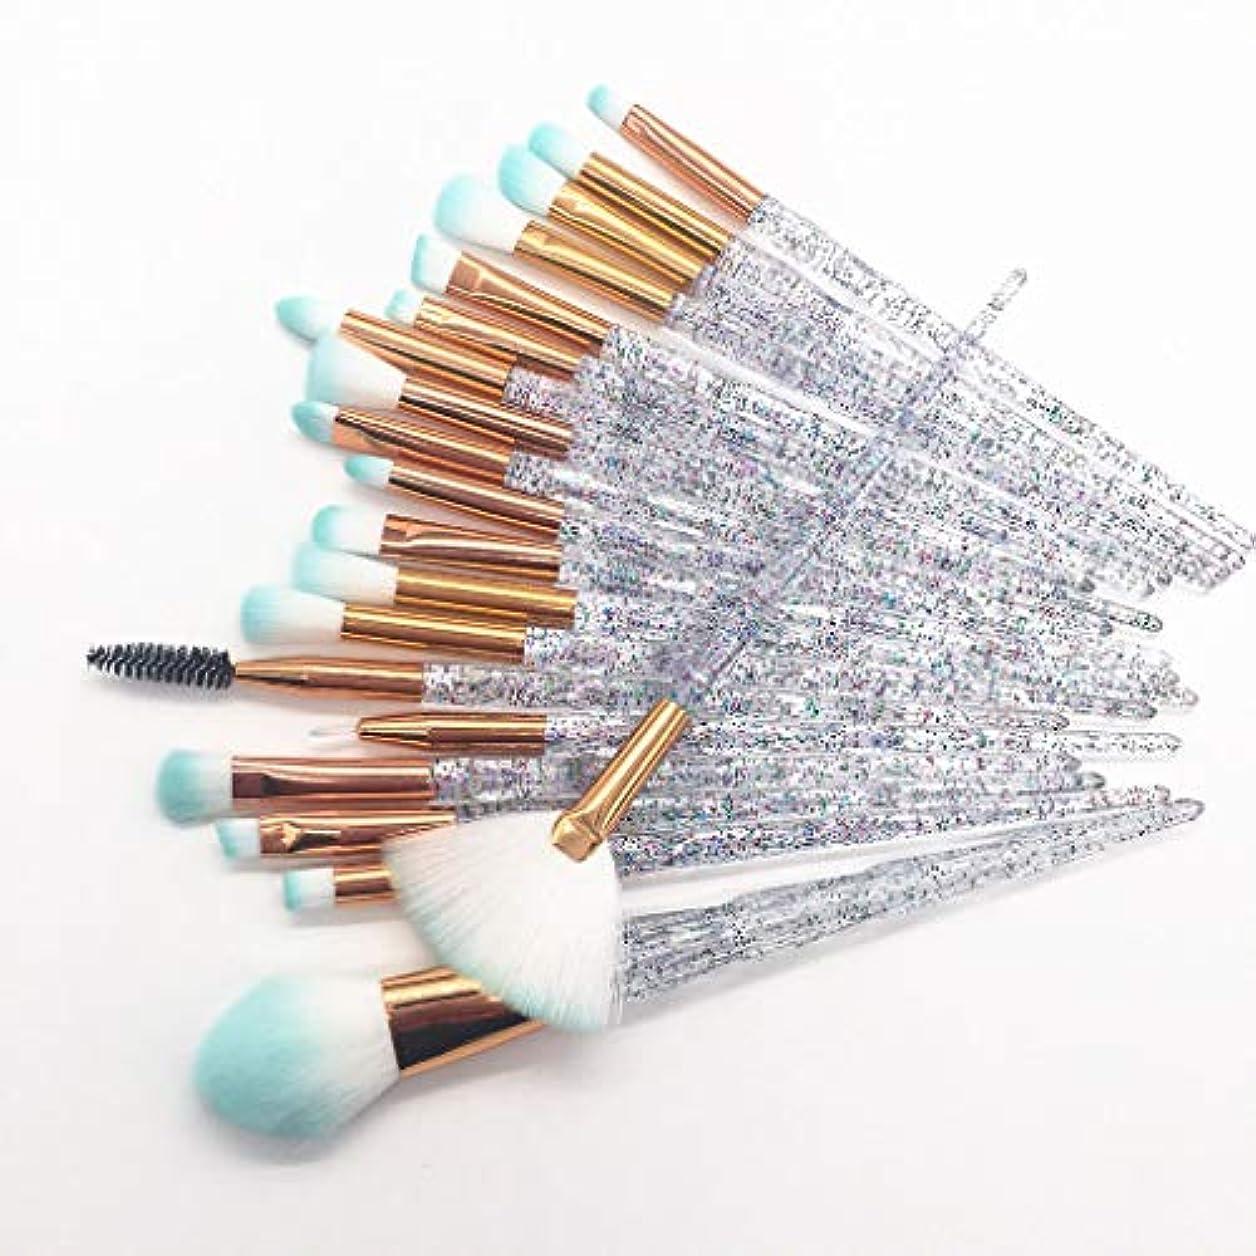 がんばり続ける可愛い一方、20化粧筆ビギナービューティーキット